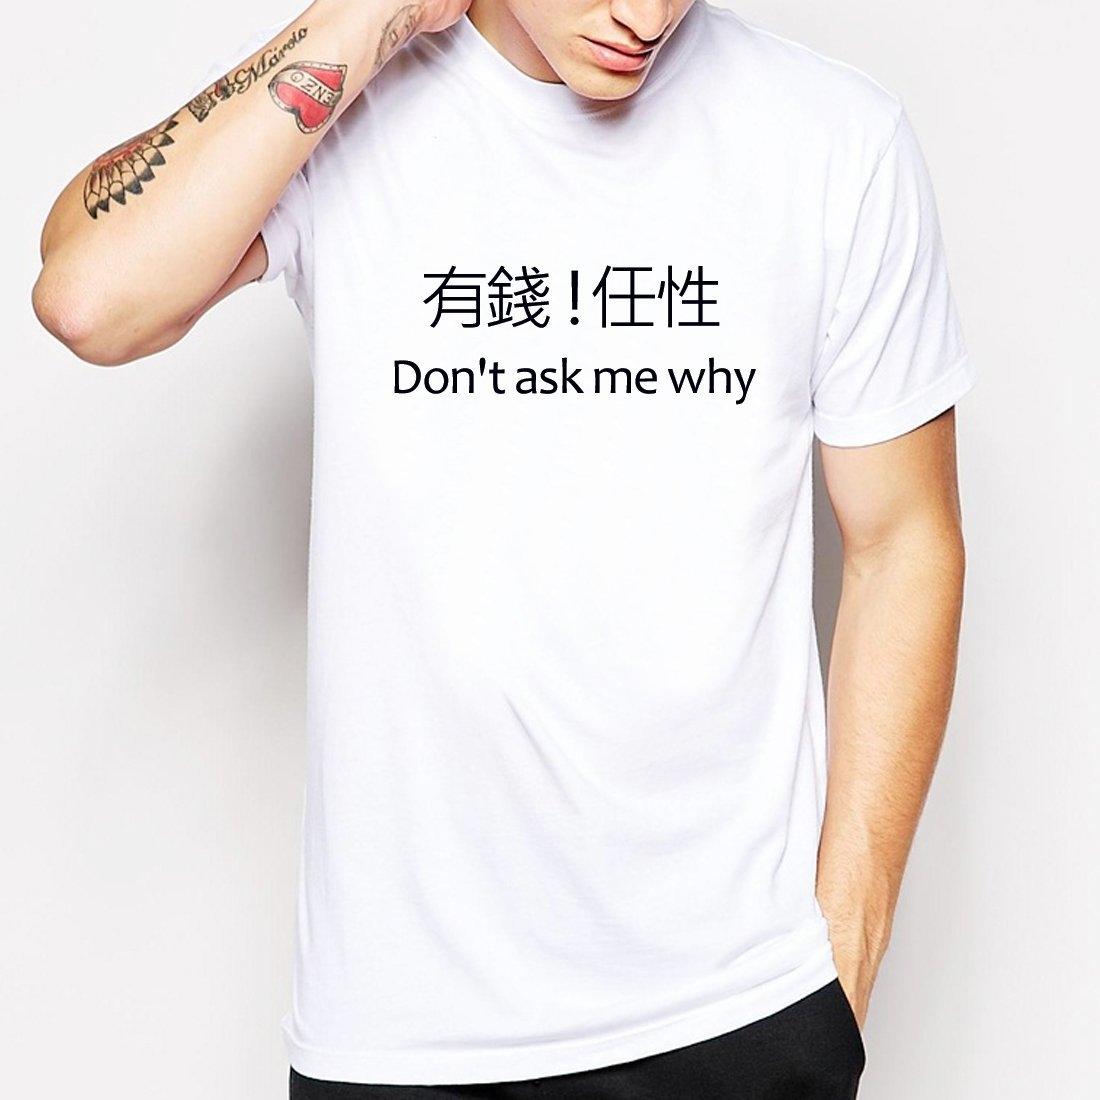 有錢!任性Don't ask me why短袖T恤-2色 中文惡搞文字潮趣味幽默搞怪閨密搞笑潮t Gildan 290